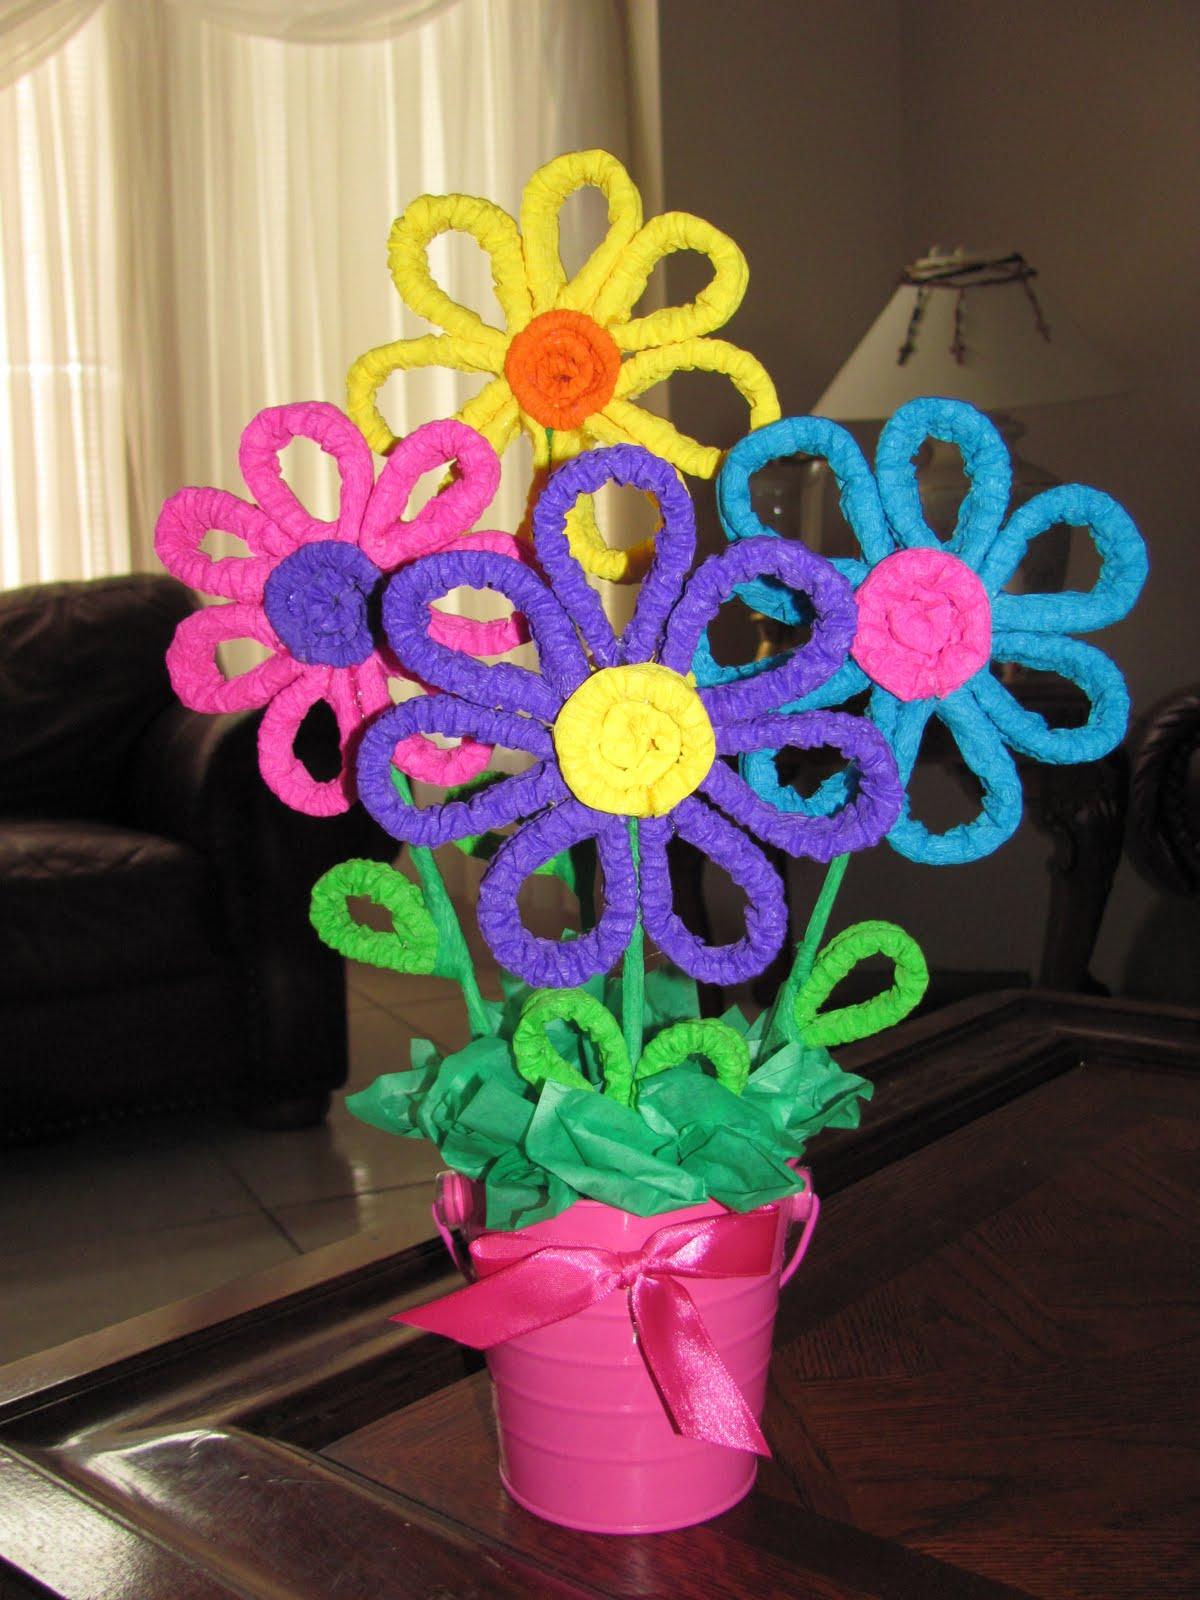 LaS MaNuAliDaDeS dE CoNSuElo: arreglo con flores de papel crepe ...